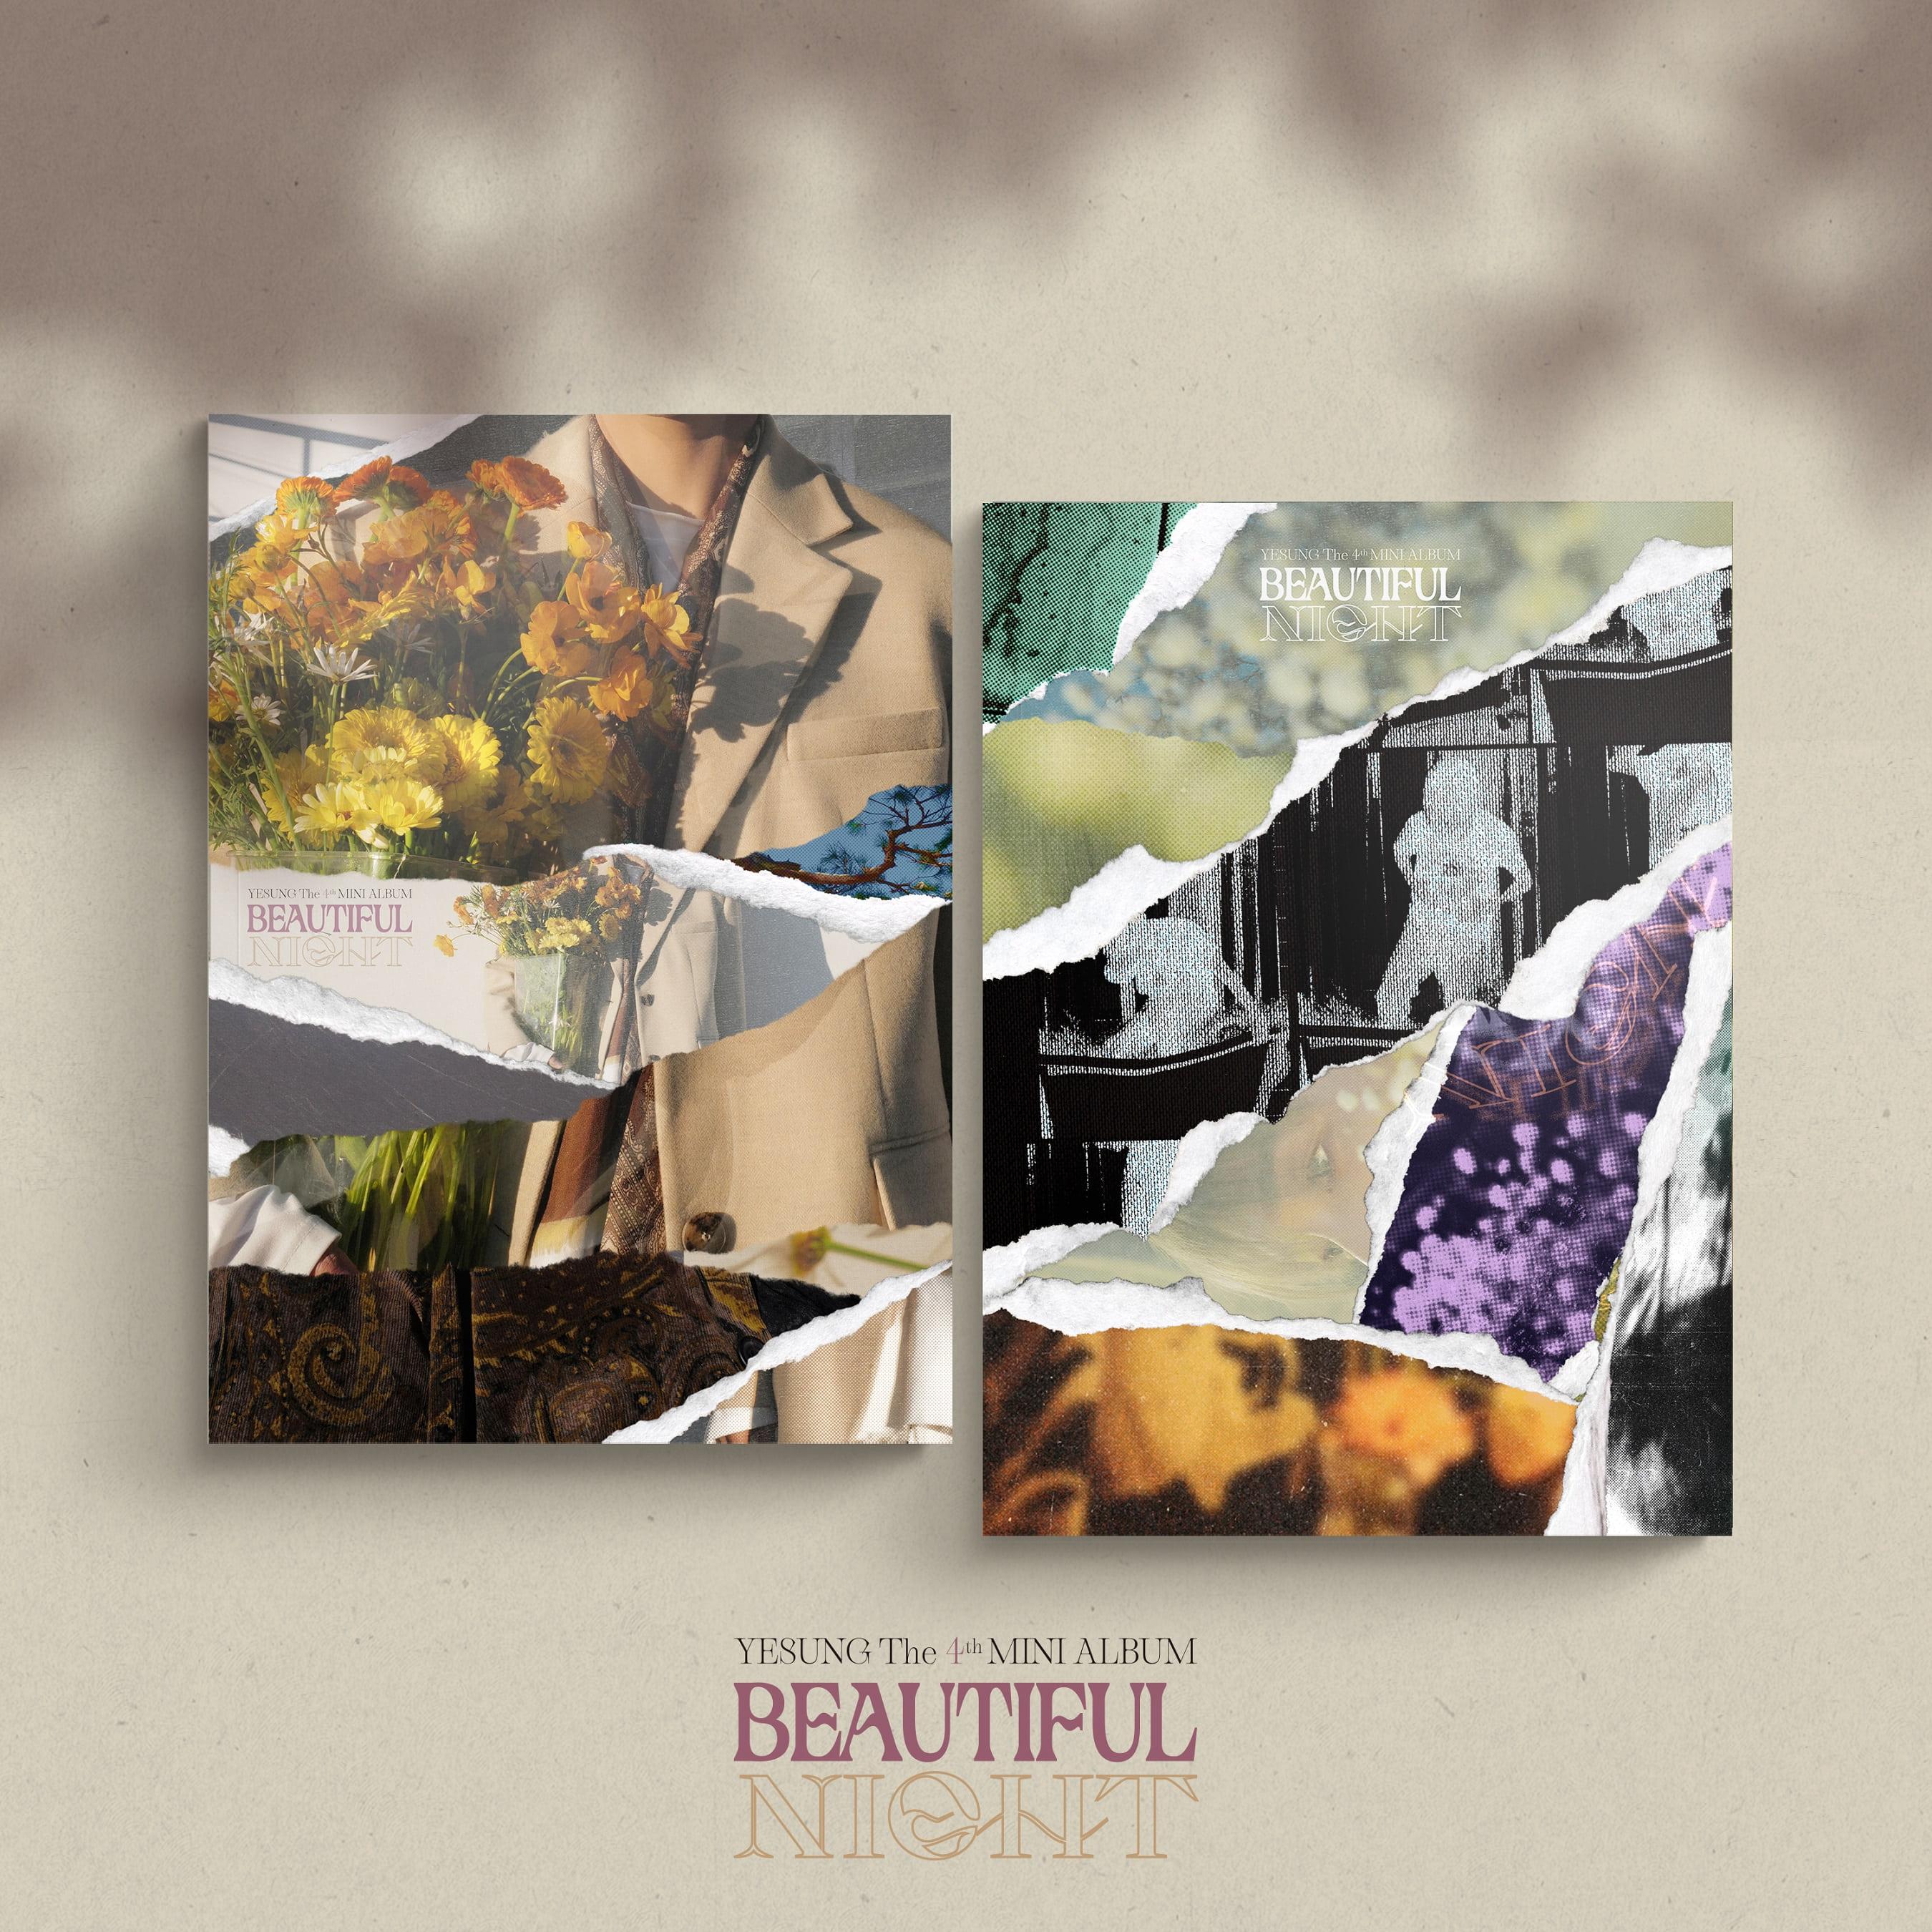 예성(YESUNG) - 4th Mini Album [Beautiful Night] (Photo Book Ver.) (Random Ver.)케이팝스토어(kpop store)